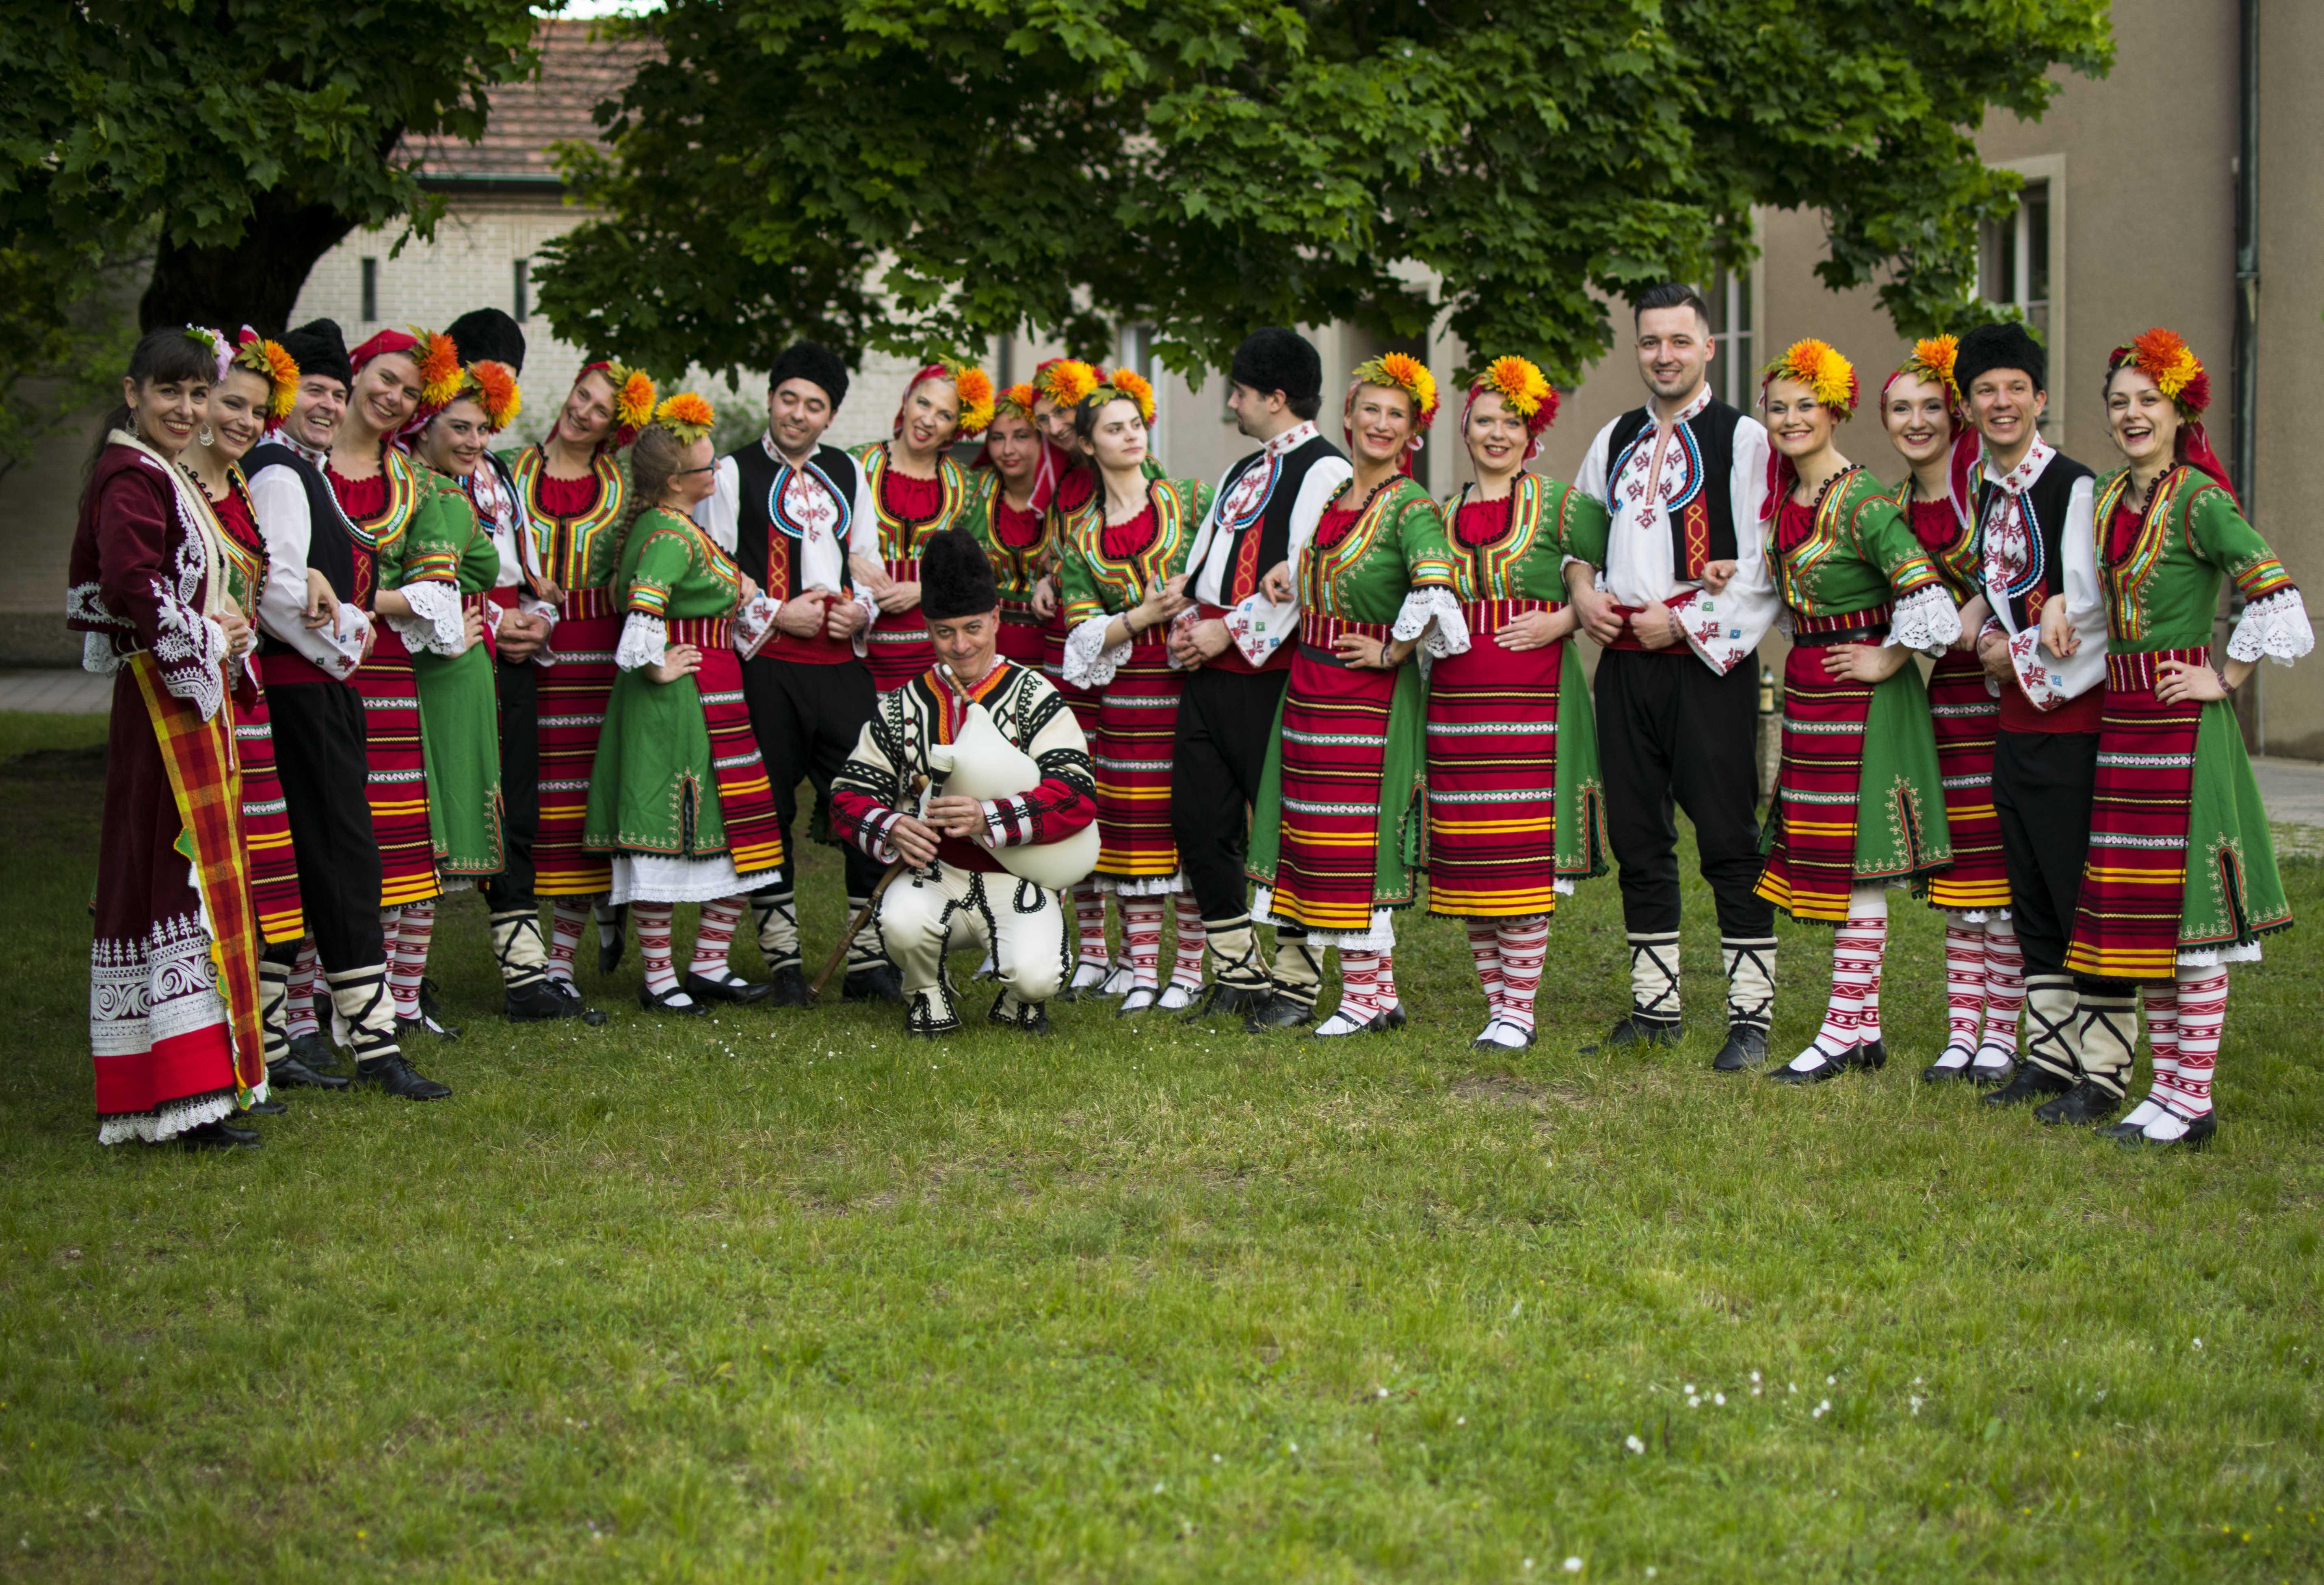 Българска културна вечер в Нюрнбергския регион снимка 3